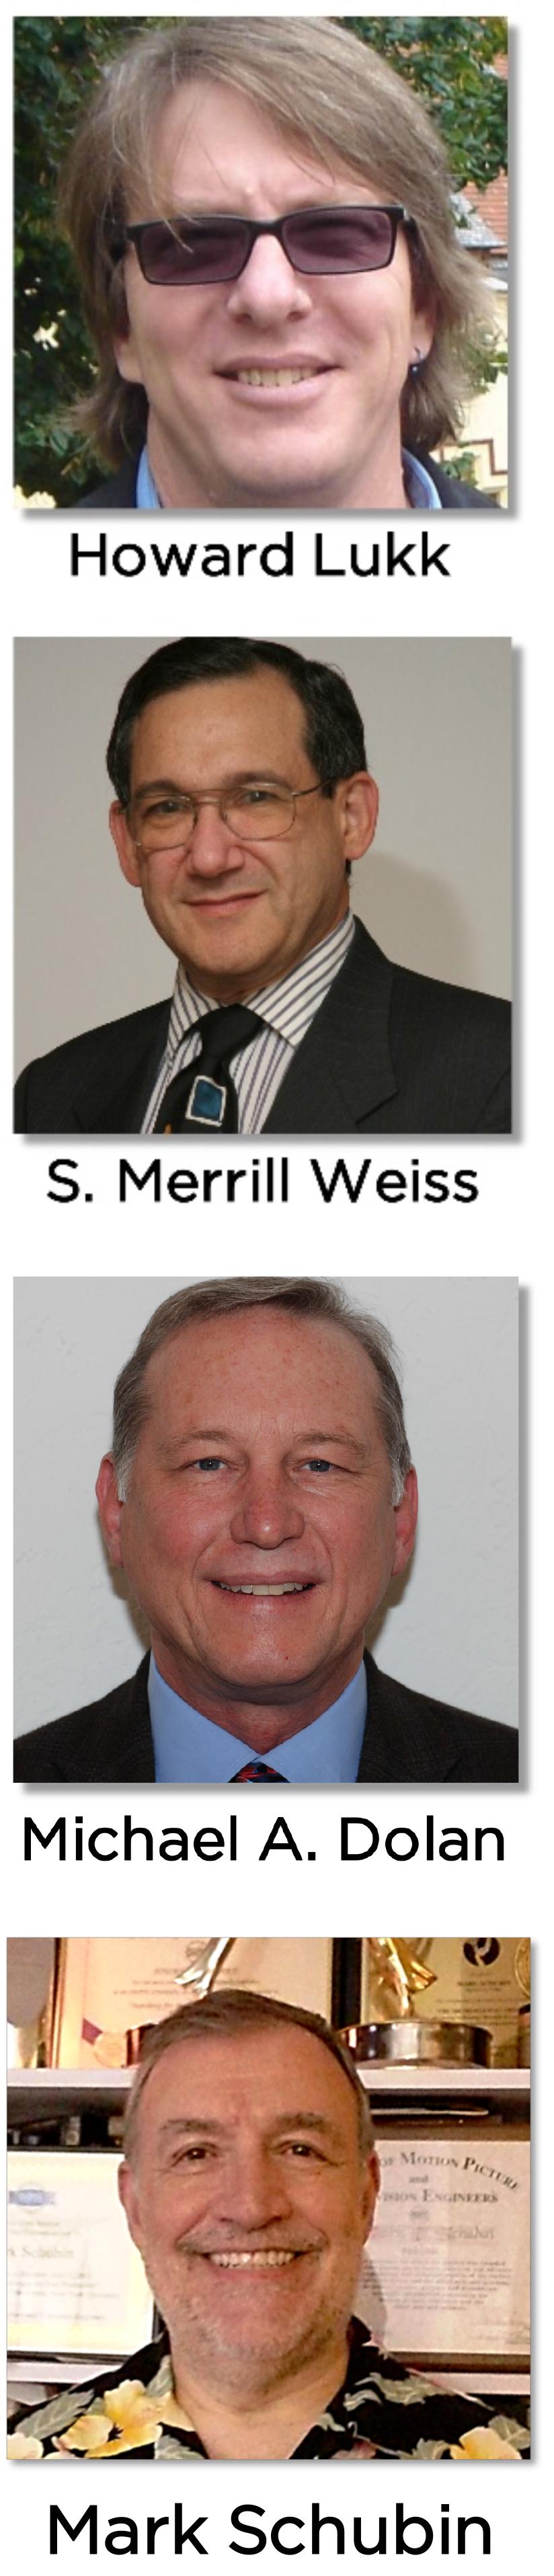 Webcast Speakers